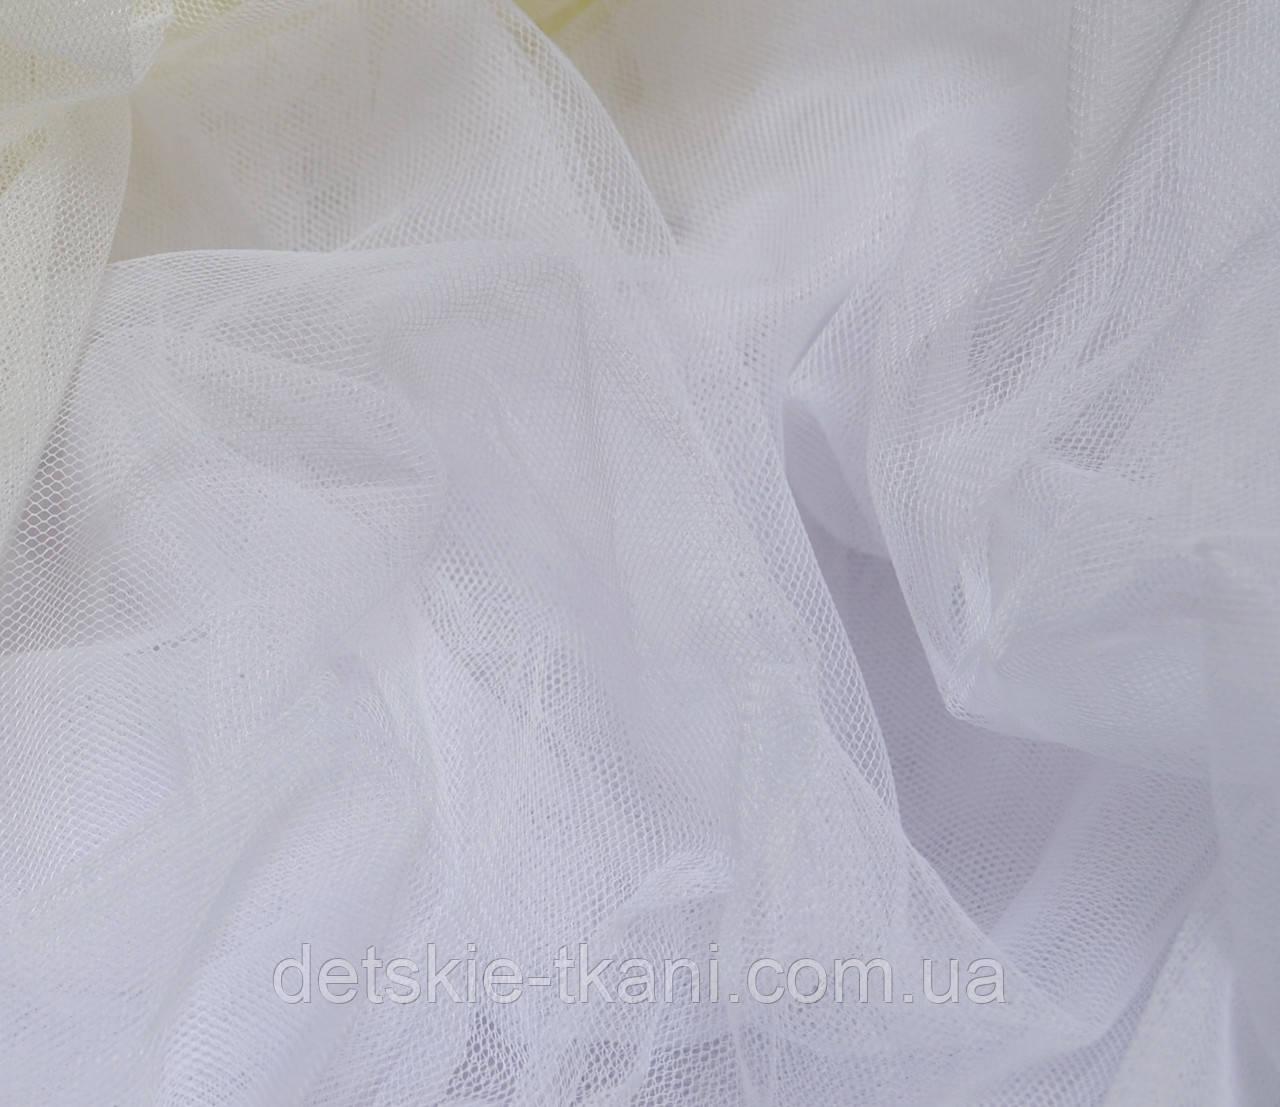 Мягкий фатин белого цвета, ширина 180 см